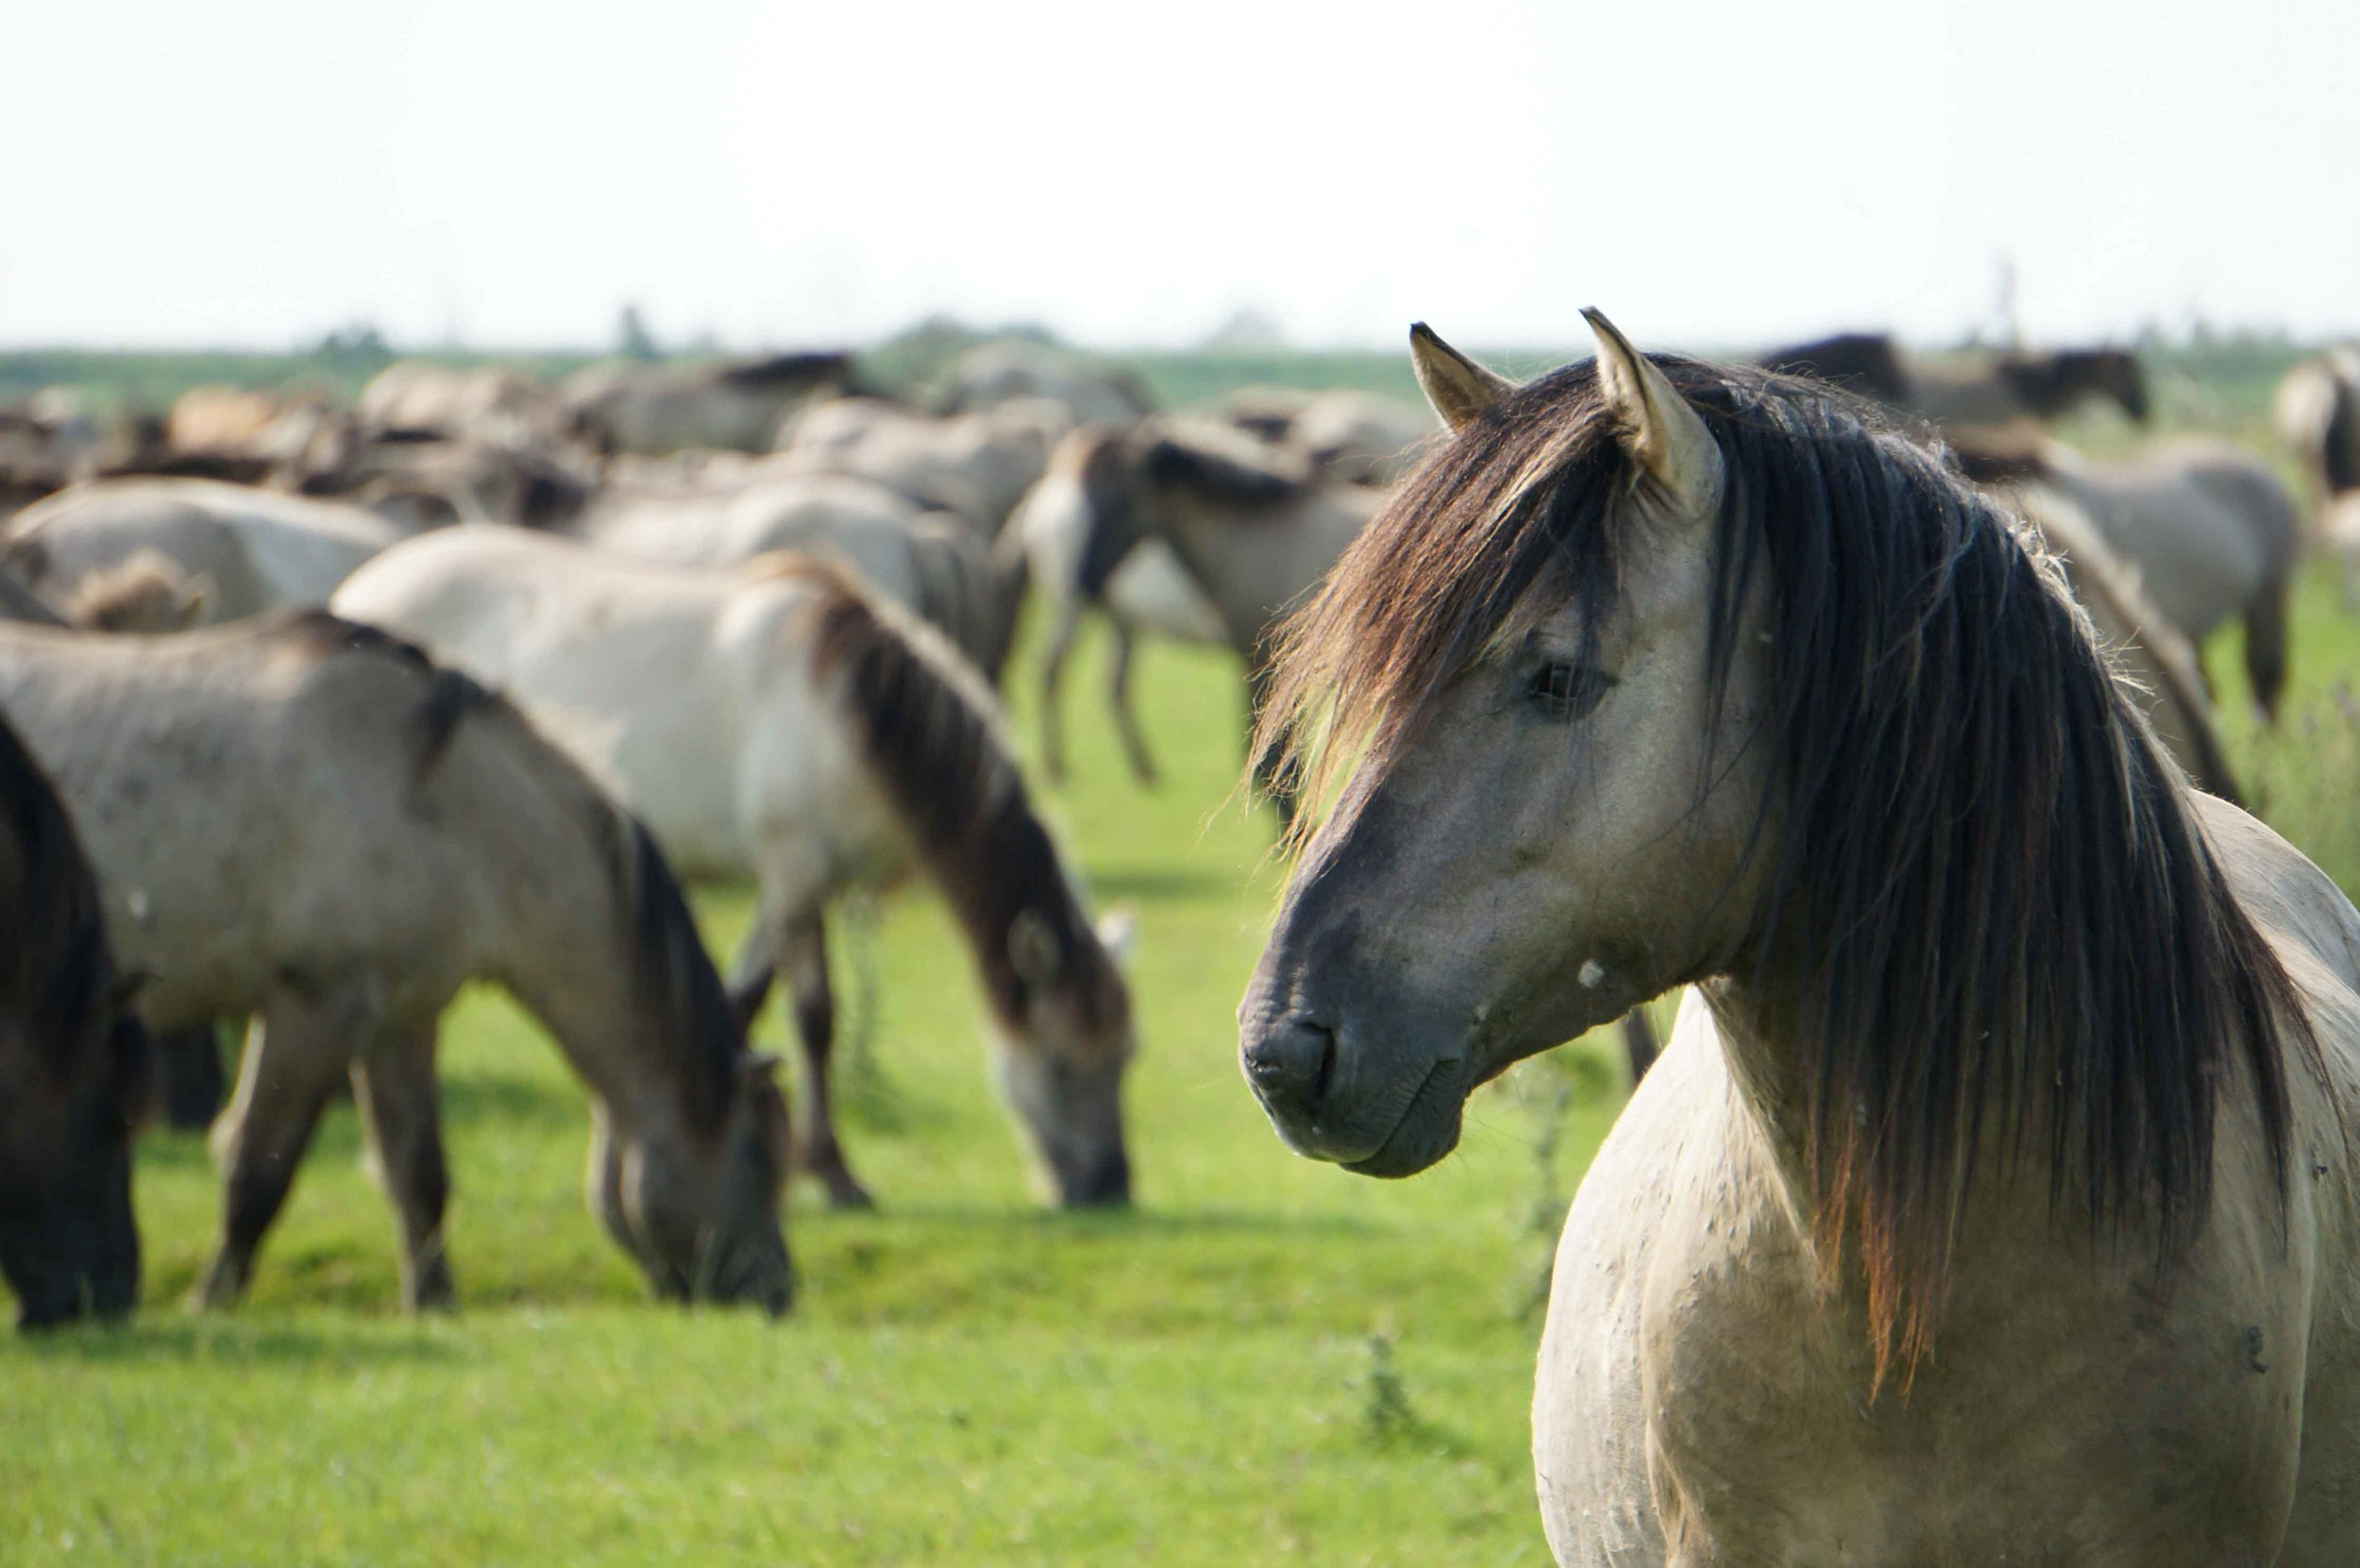 Wild horses at Oostvaardersplassen, Netherlands